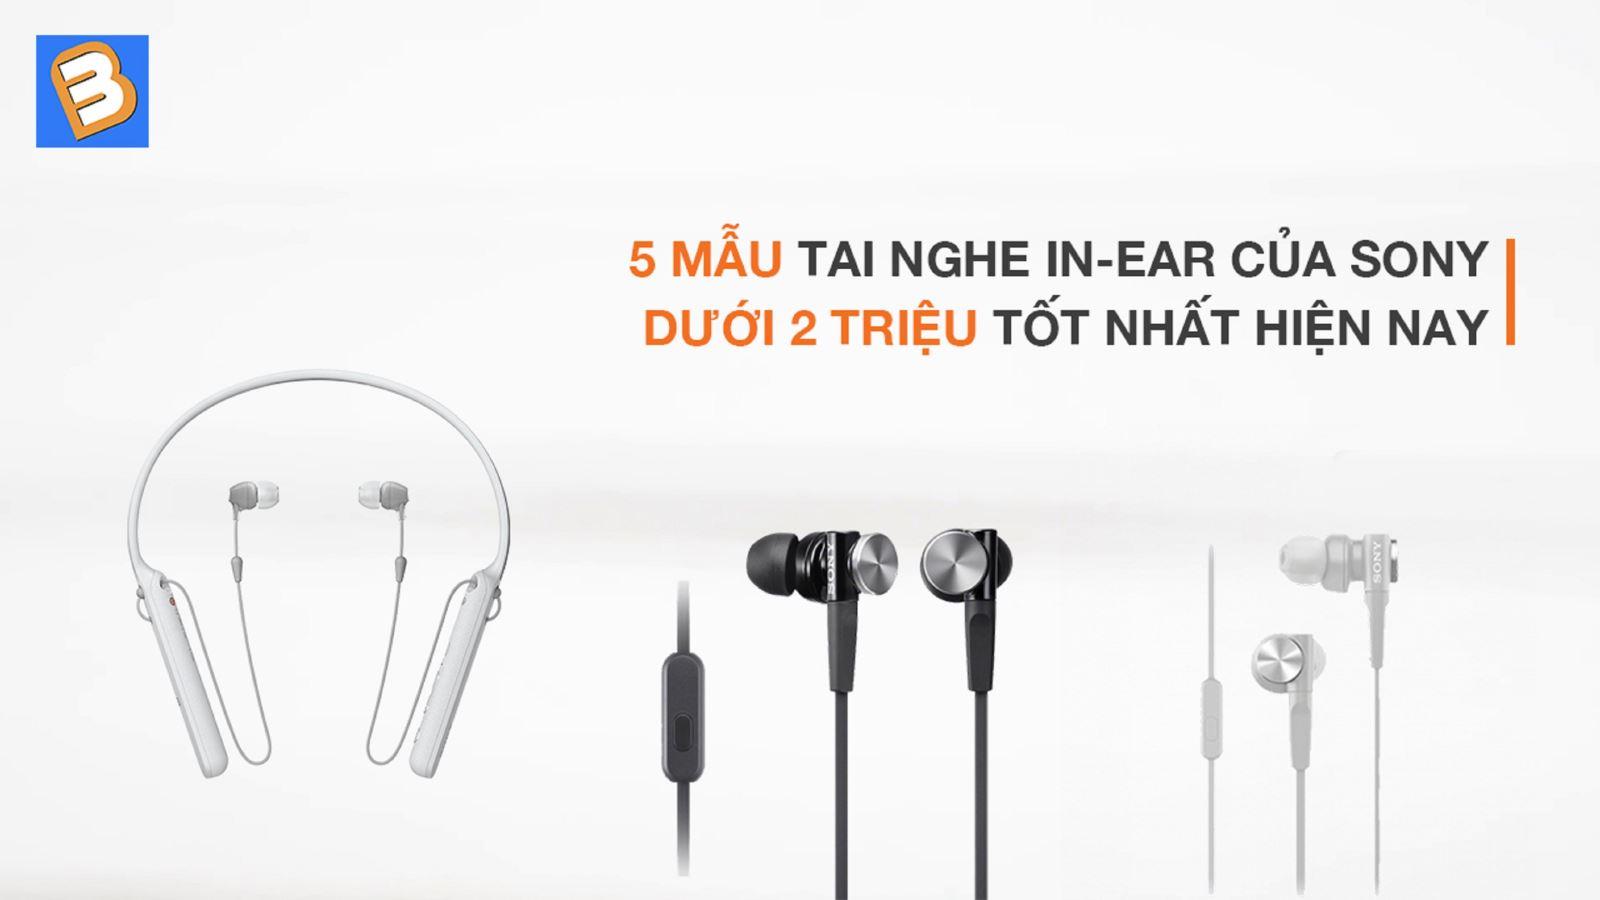 Top 5 mẫu tai nghe in-ear của Sony dưới 2 triệu tốt nhất hiện nay